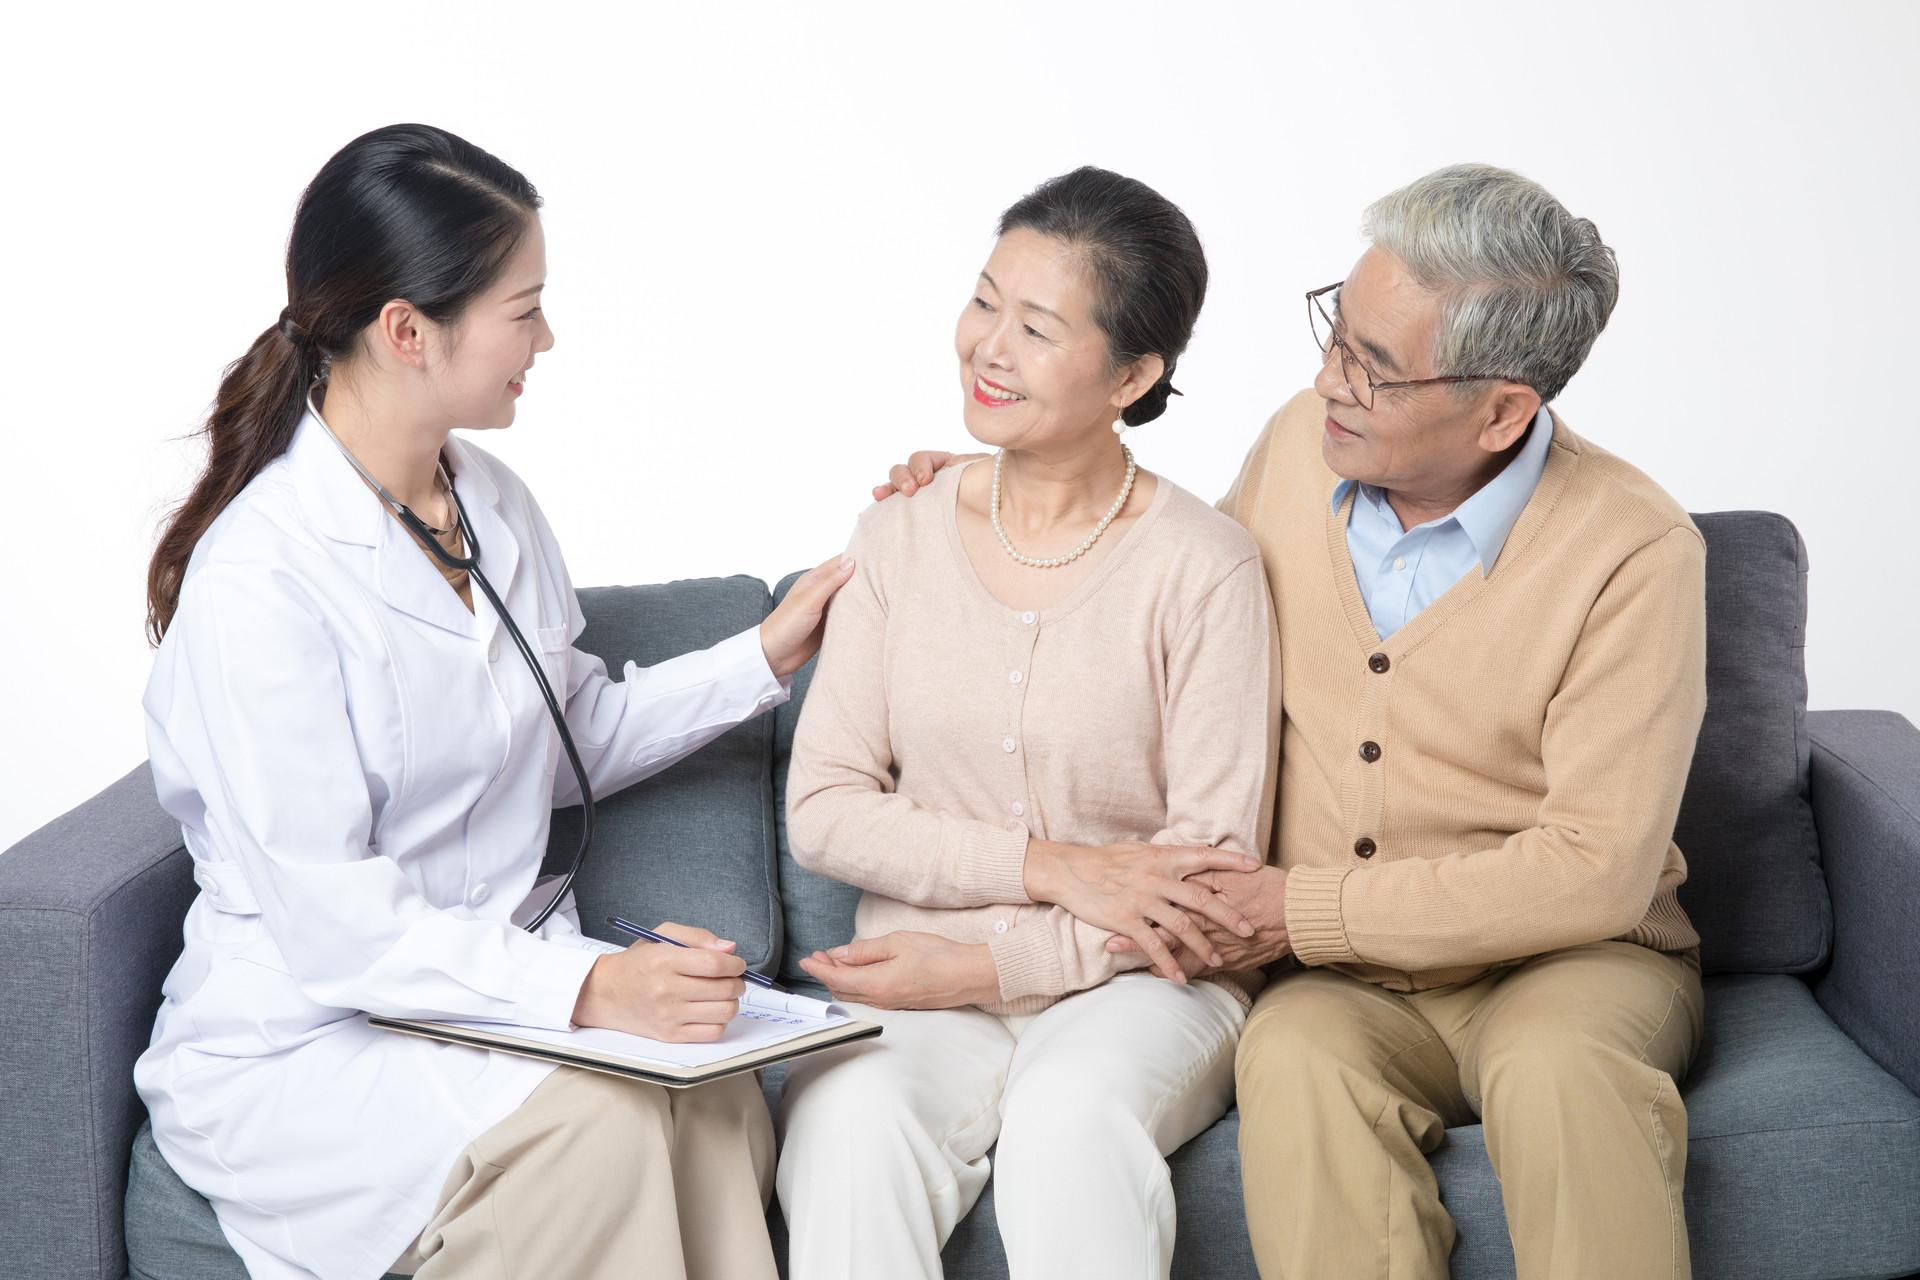 中医诊断心慌气短看哪些方面?该怎么治疗?